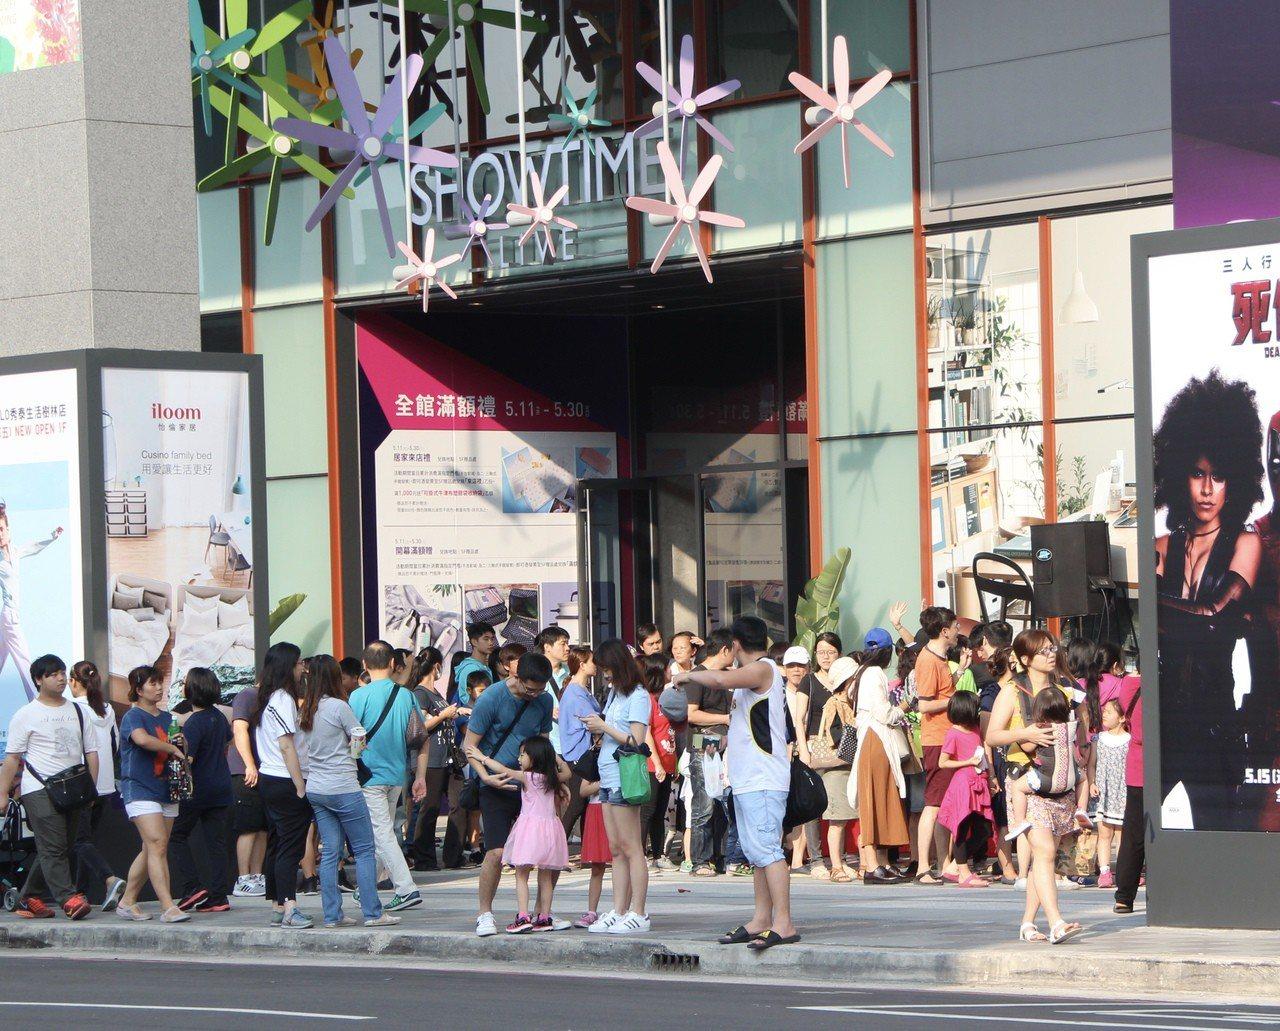 新北市樹林第1家購物影城「秀泰生活樹林店」上周試營運,湧進大批人潮,本周六正式開...